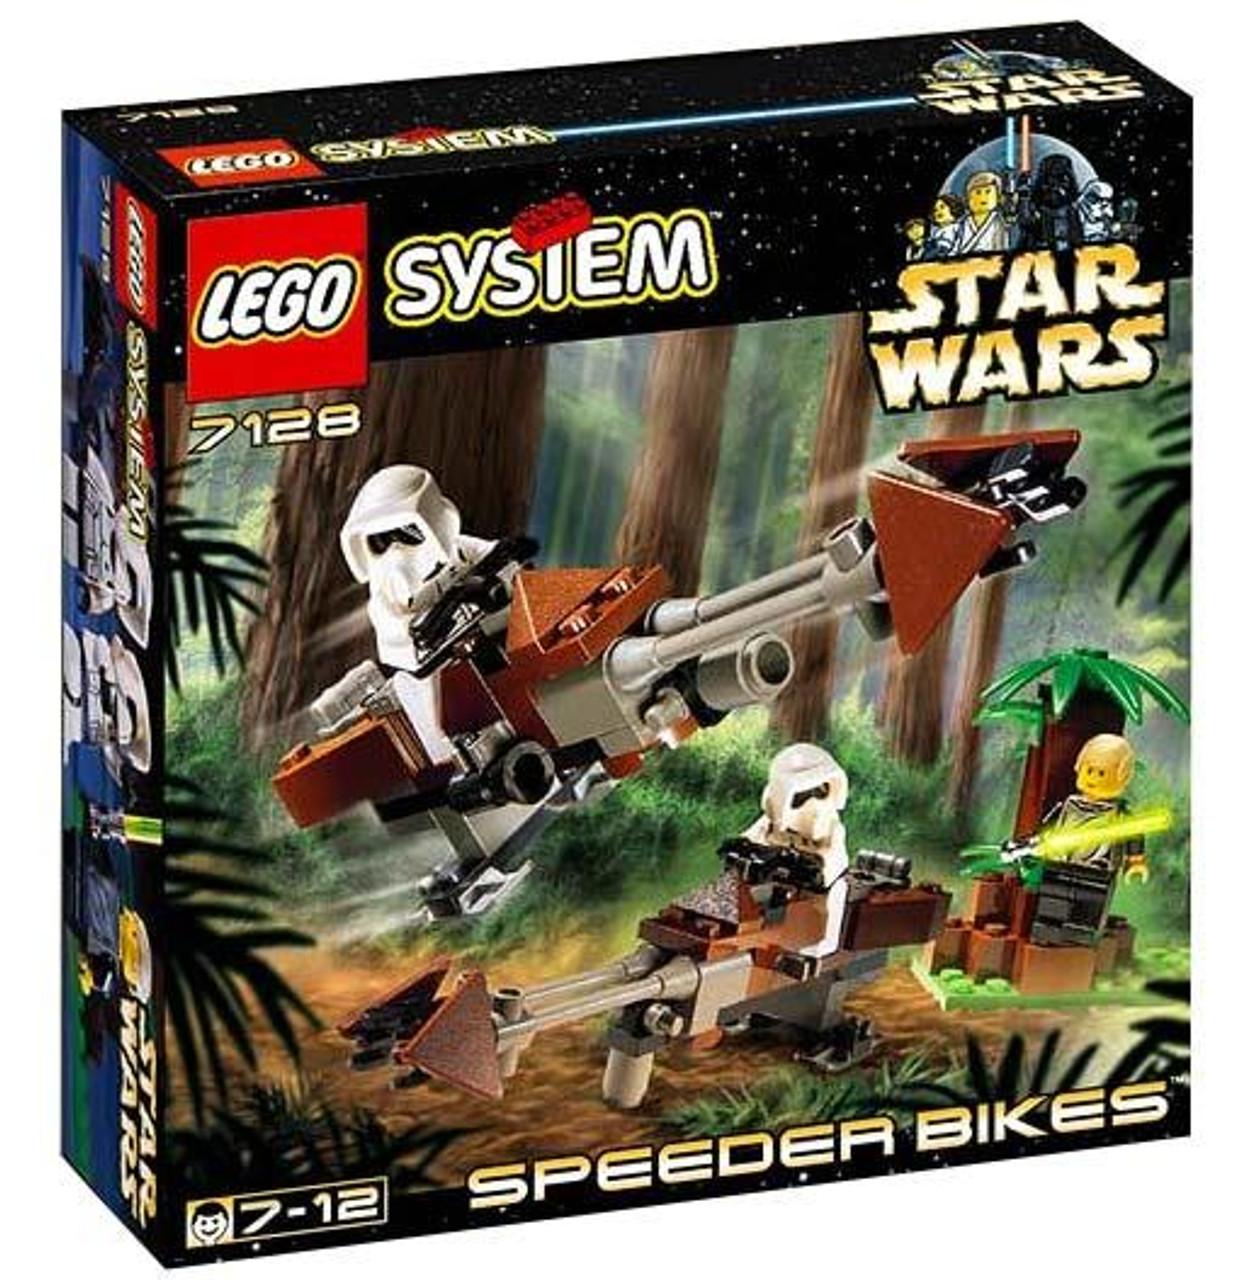 LEGO Star Wars Return of the Jedi Speeder Bikes Set #7128